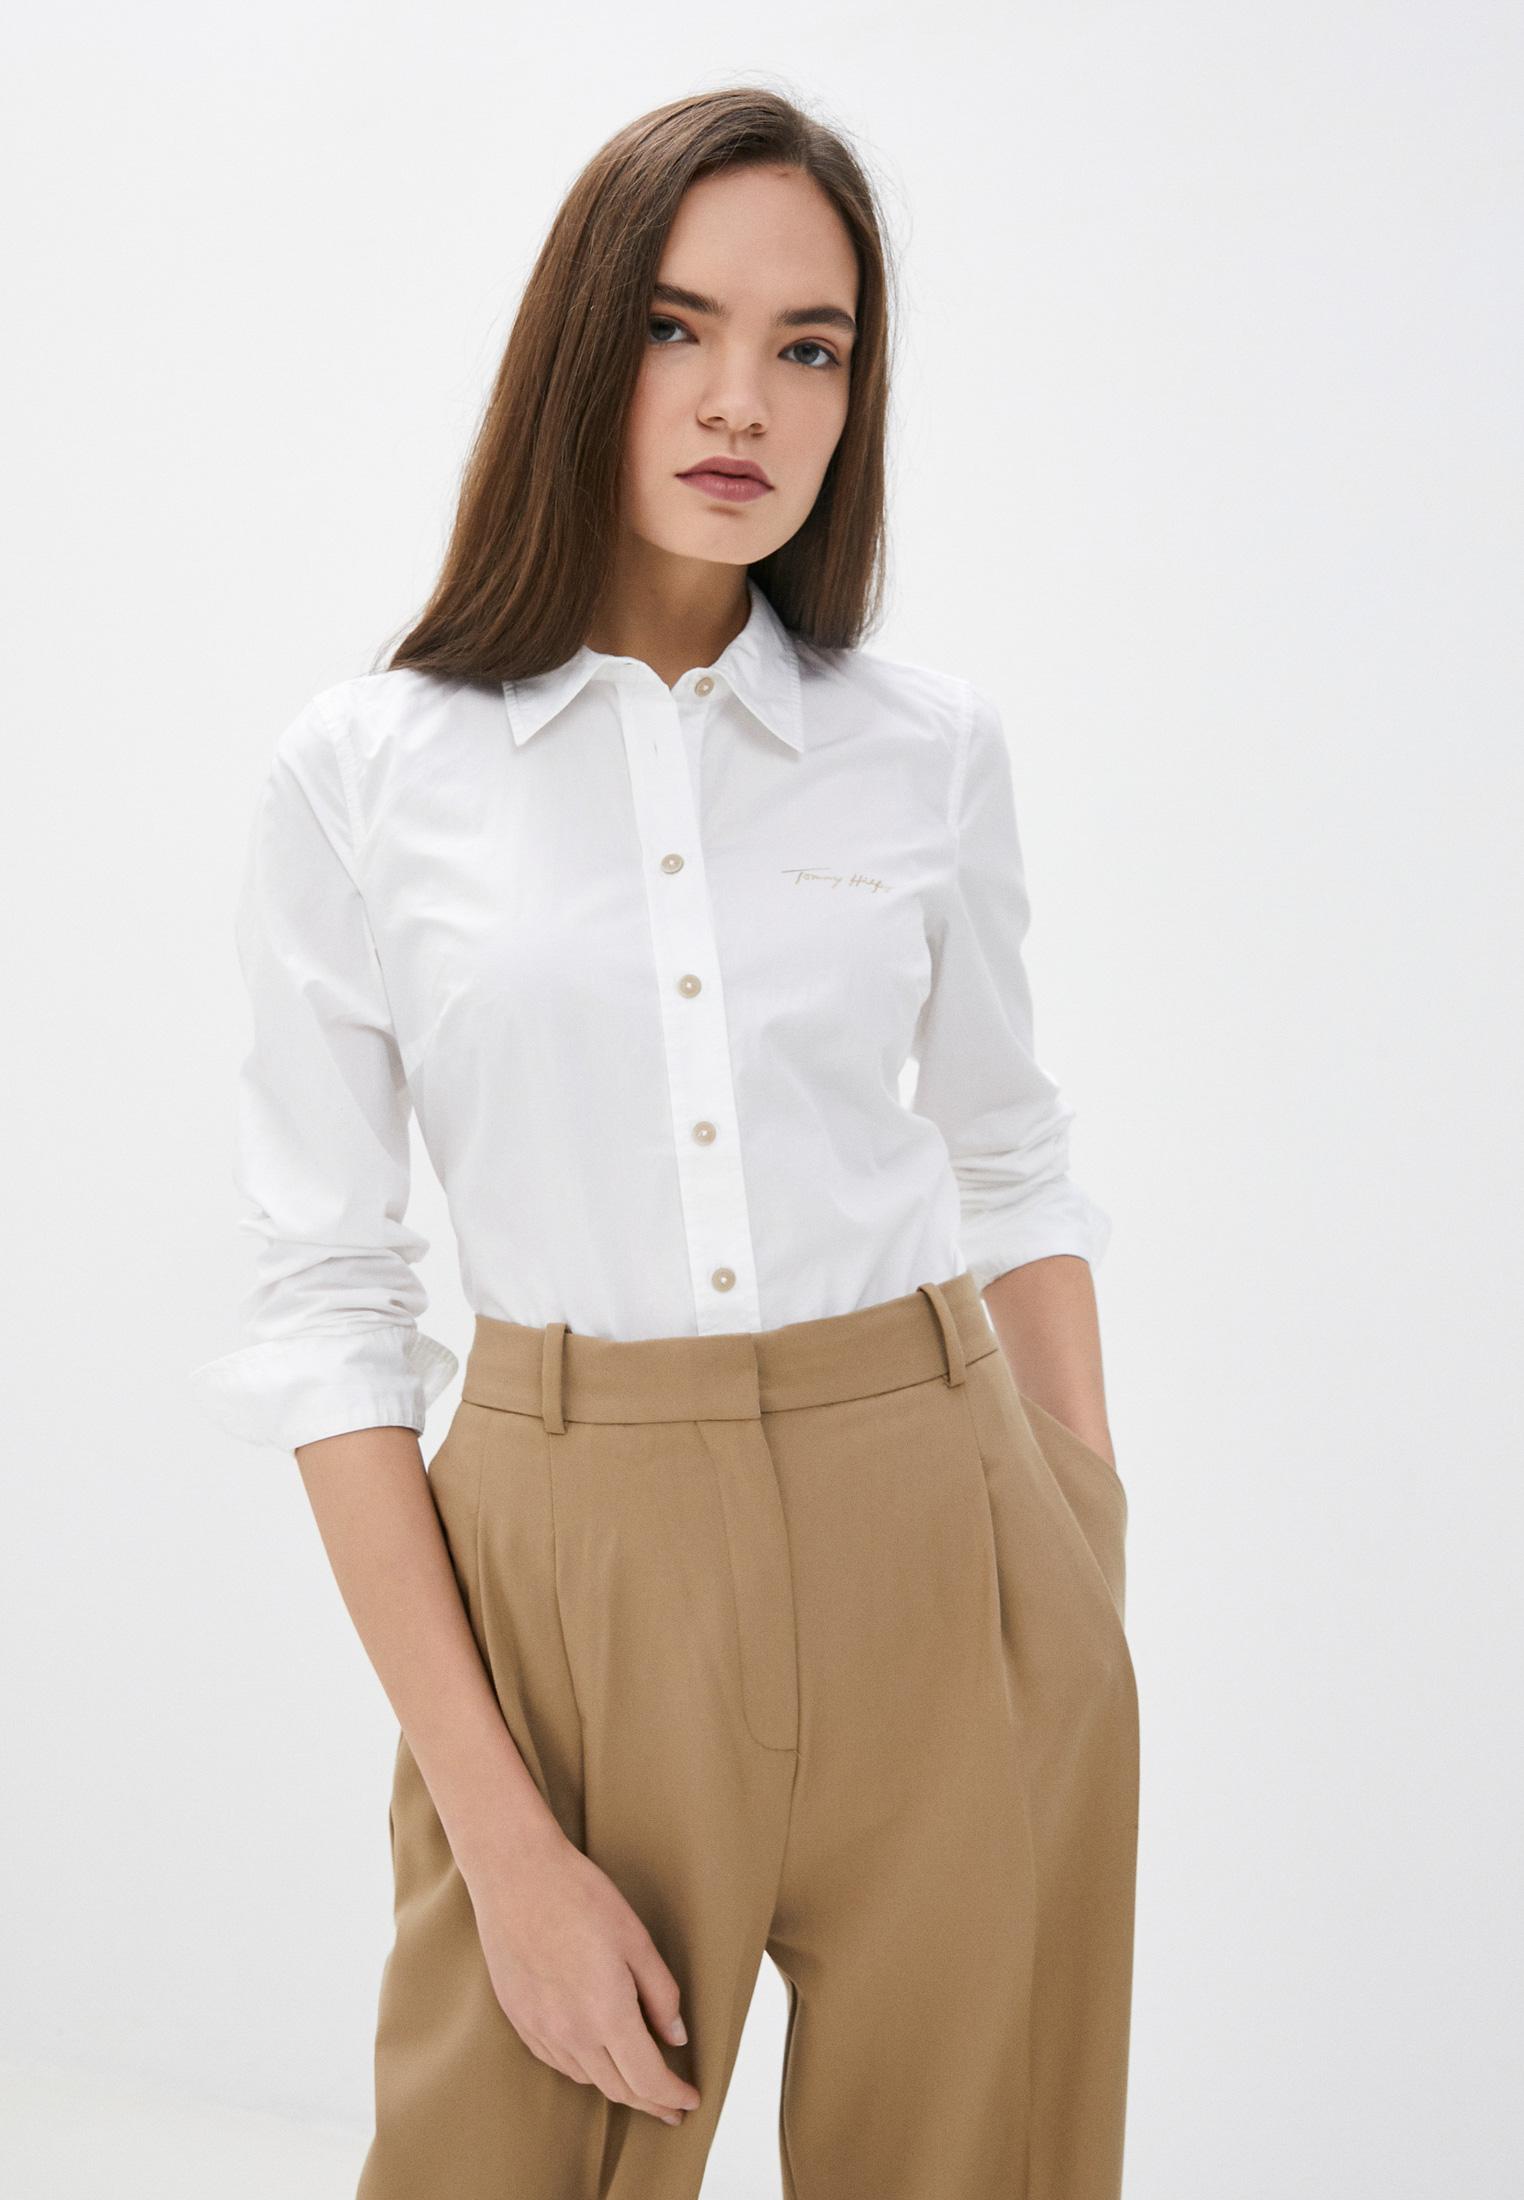 Женские рубашки с длинным рукавом Tommy Hilfiger (Томми Хилфигер) Рубашка Tommy Hilfiger